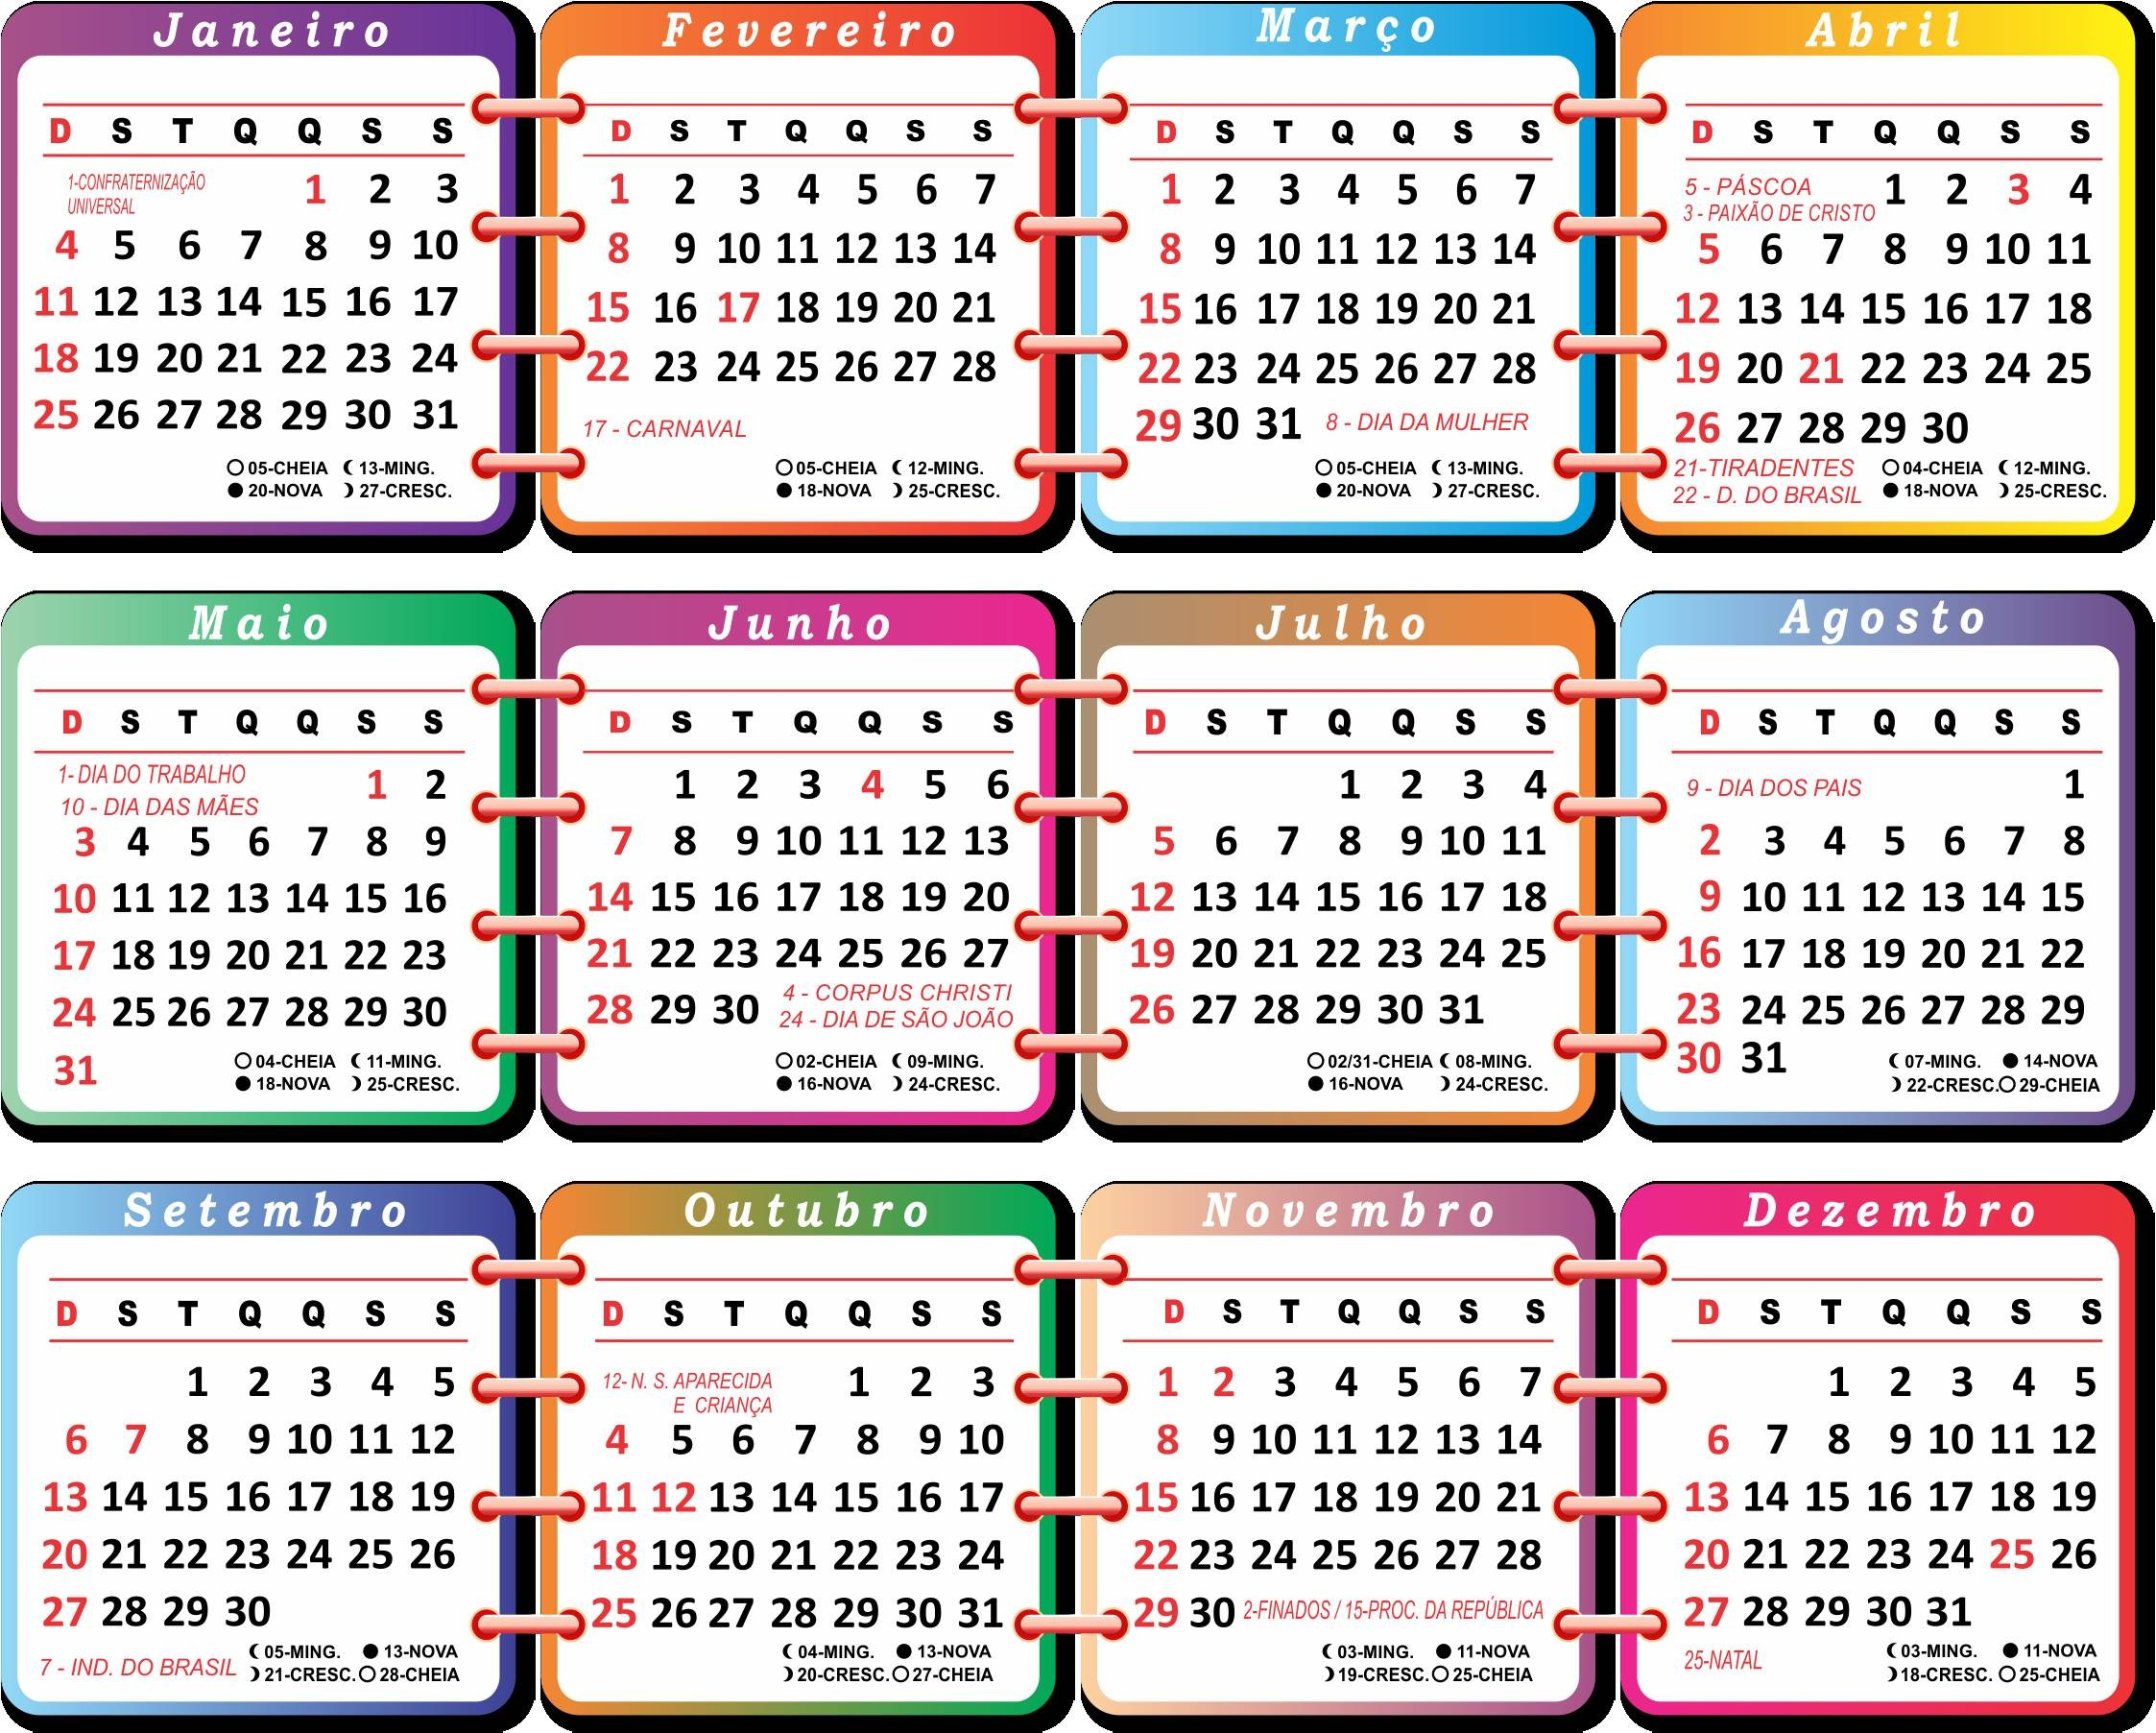 Calendario 2017 En Chile Para Imprimir Más Actual Calendarios 2015 Kordurorddiner Of Calendario 2017 En Chile Para Imprimir Actual Calendario Dezembro 2018 Para Imprimir Pdf